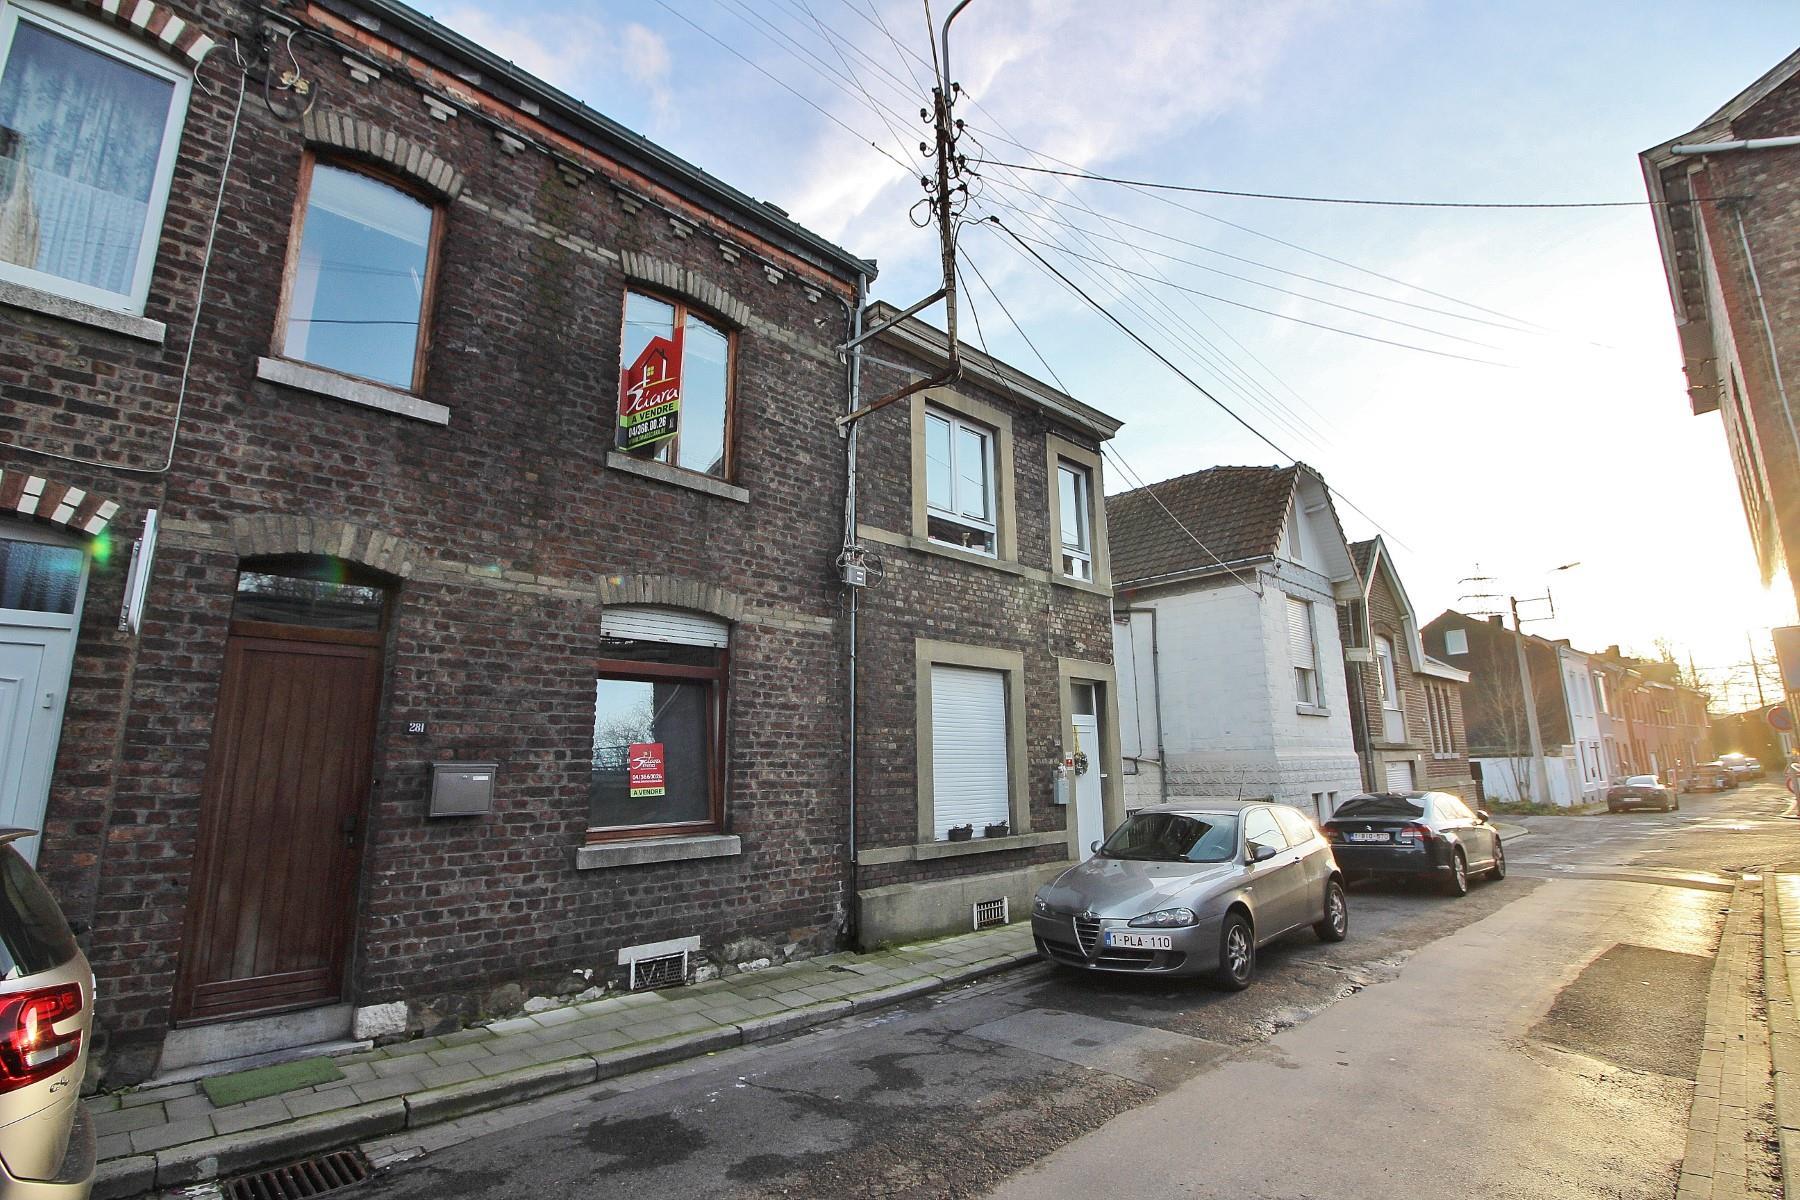 Maison - Seraing Jemeppe-sur-Meuse - #3972660-21